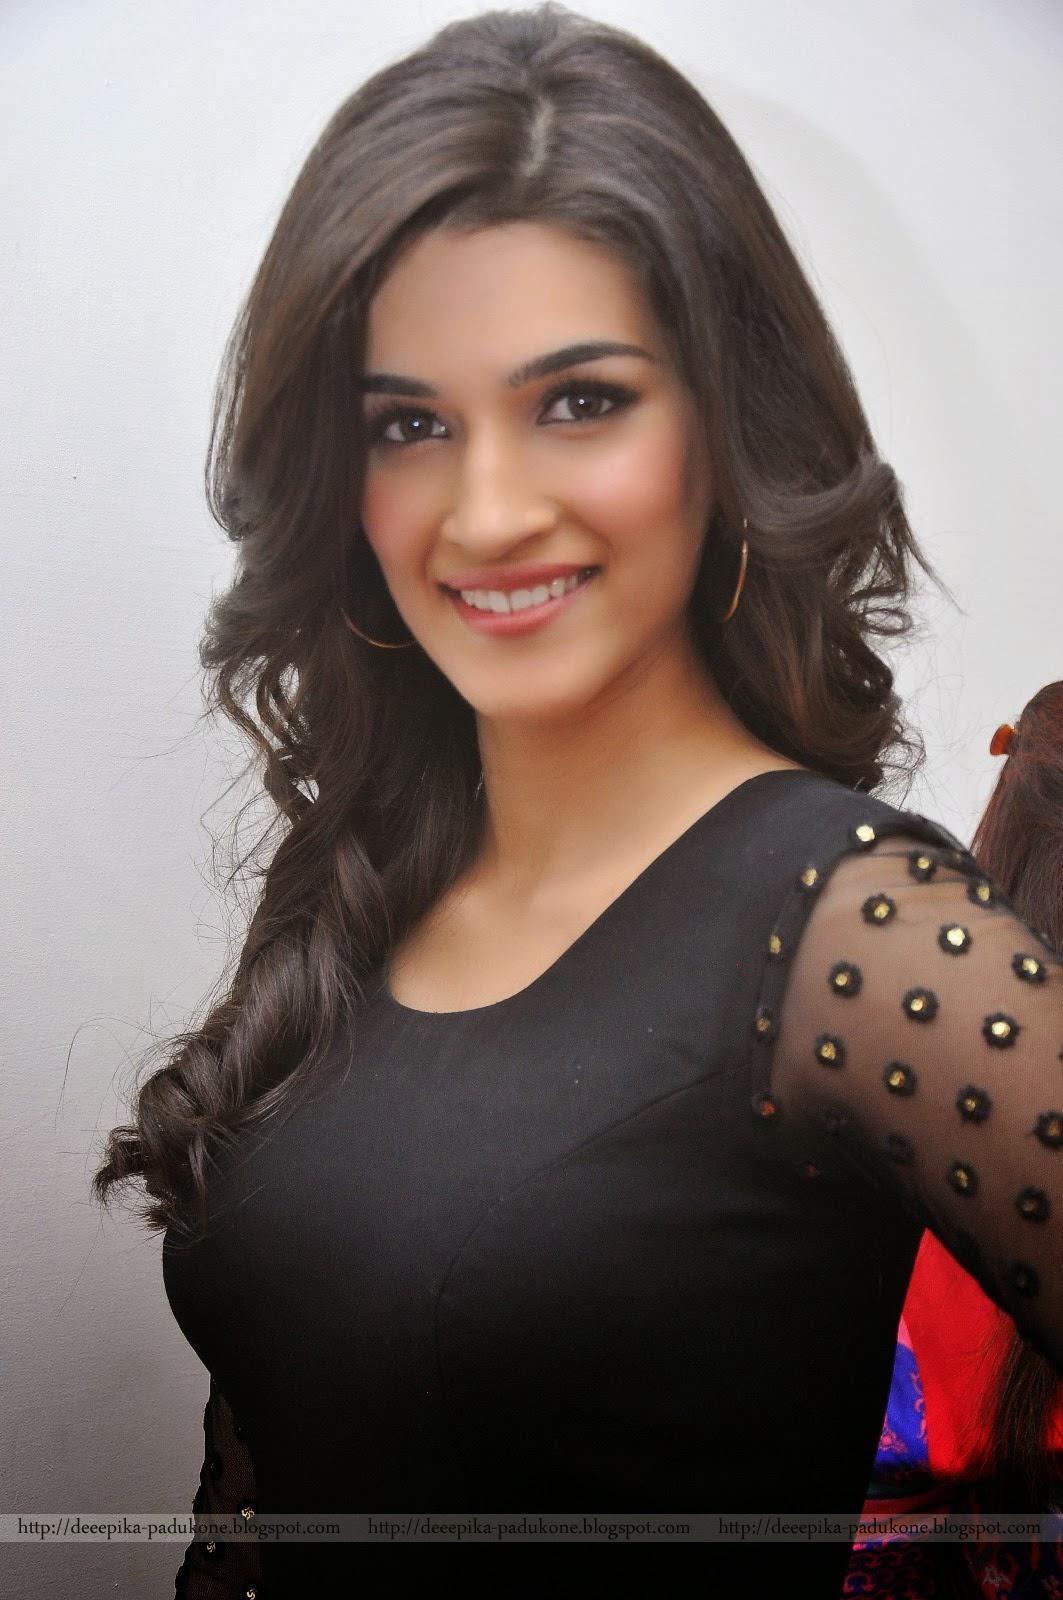 Deepika Padukone Kriti Sanon Black Dress Photos